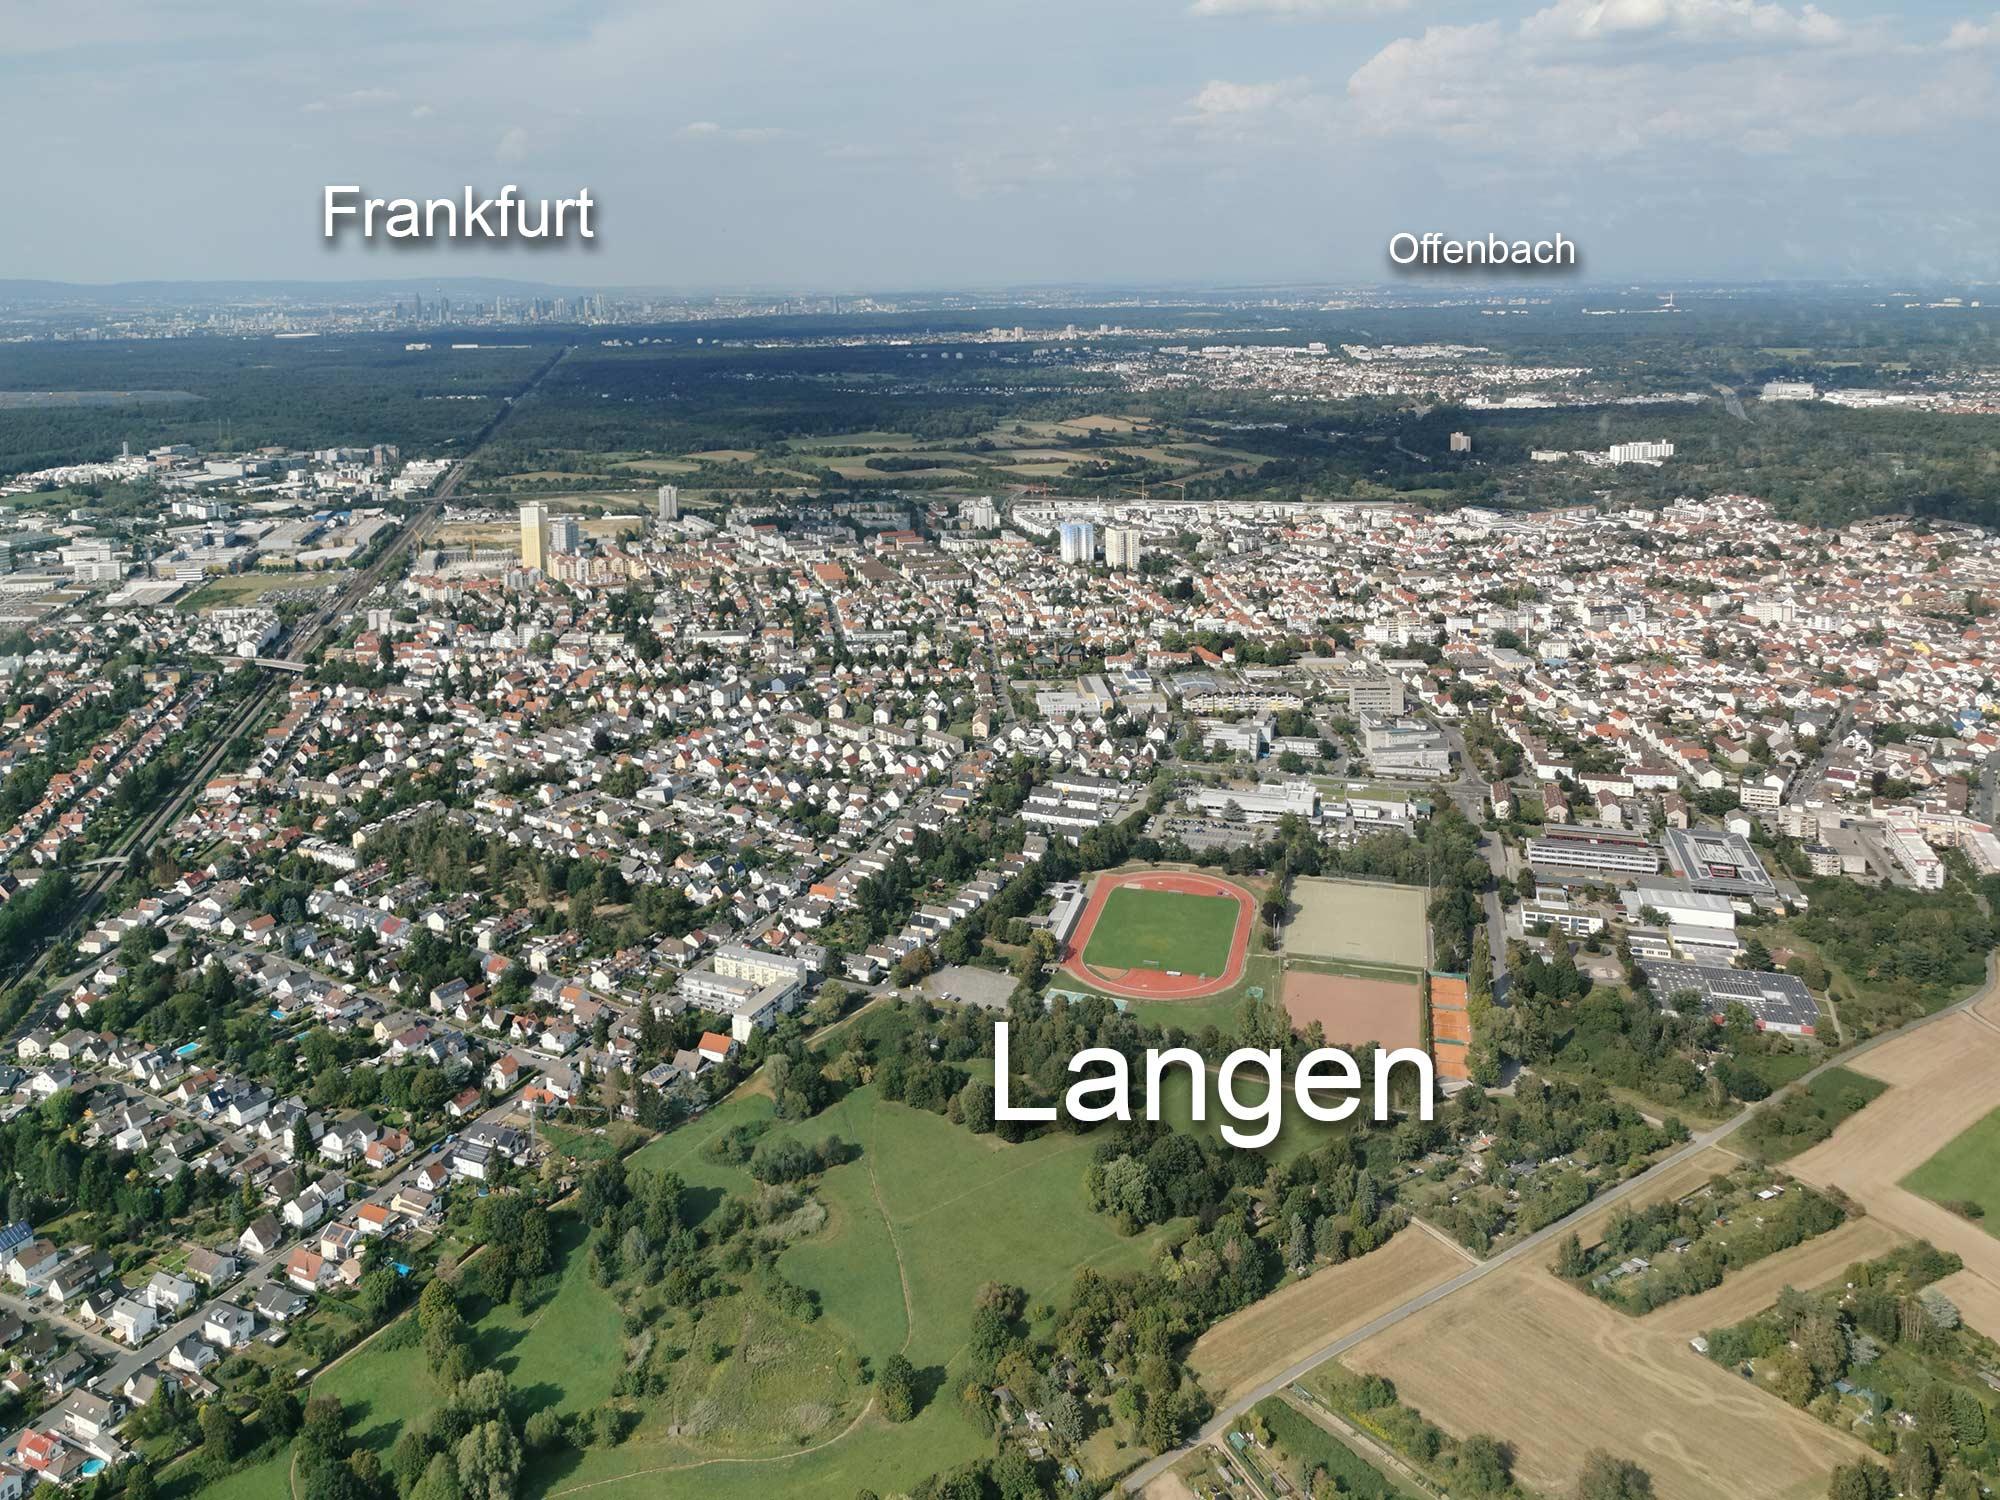 Das Rhein-Main-Gebiet von oben - Langen, Frankfurt und Offenbach - Heliflug von Egelsbach zur Frankfurter Skyline